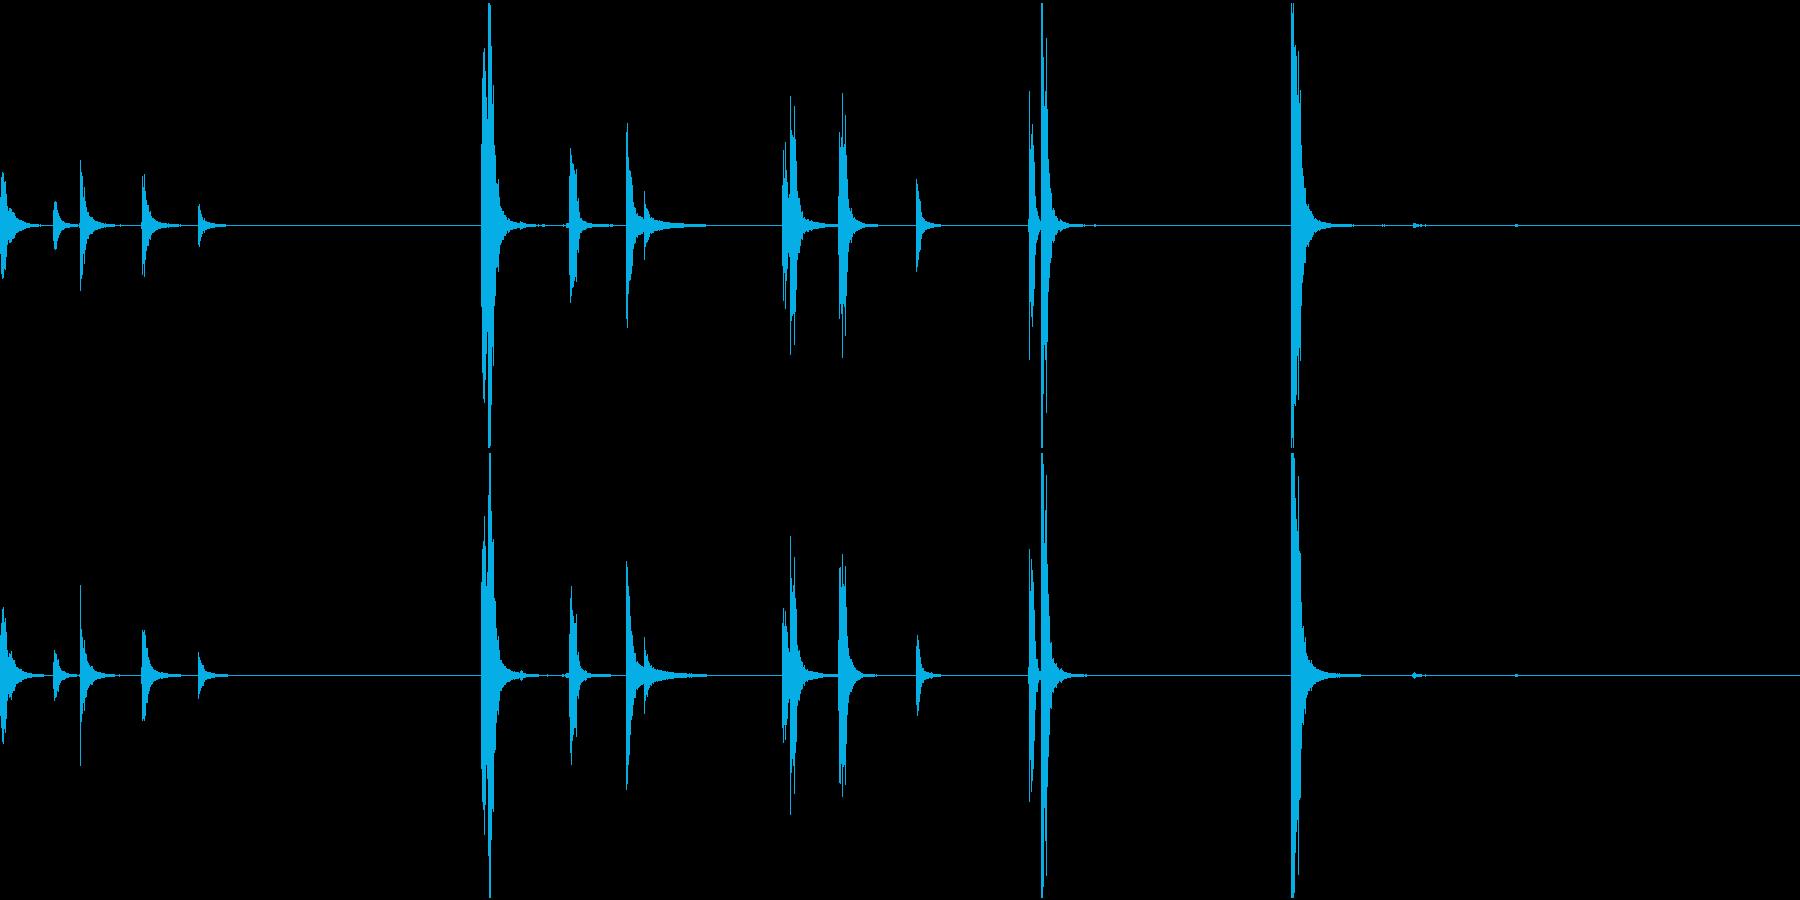 【生録音】手錠の音 1 外そうとするの再生済みの波形